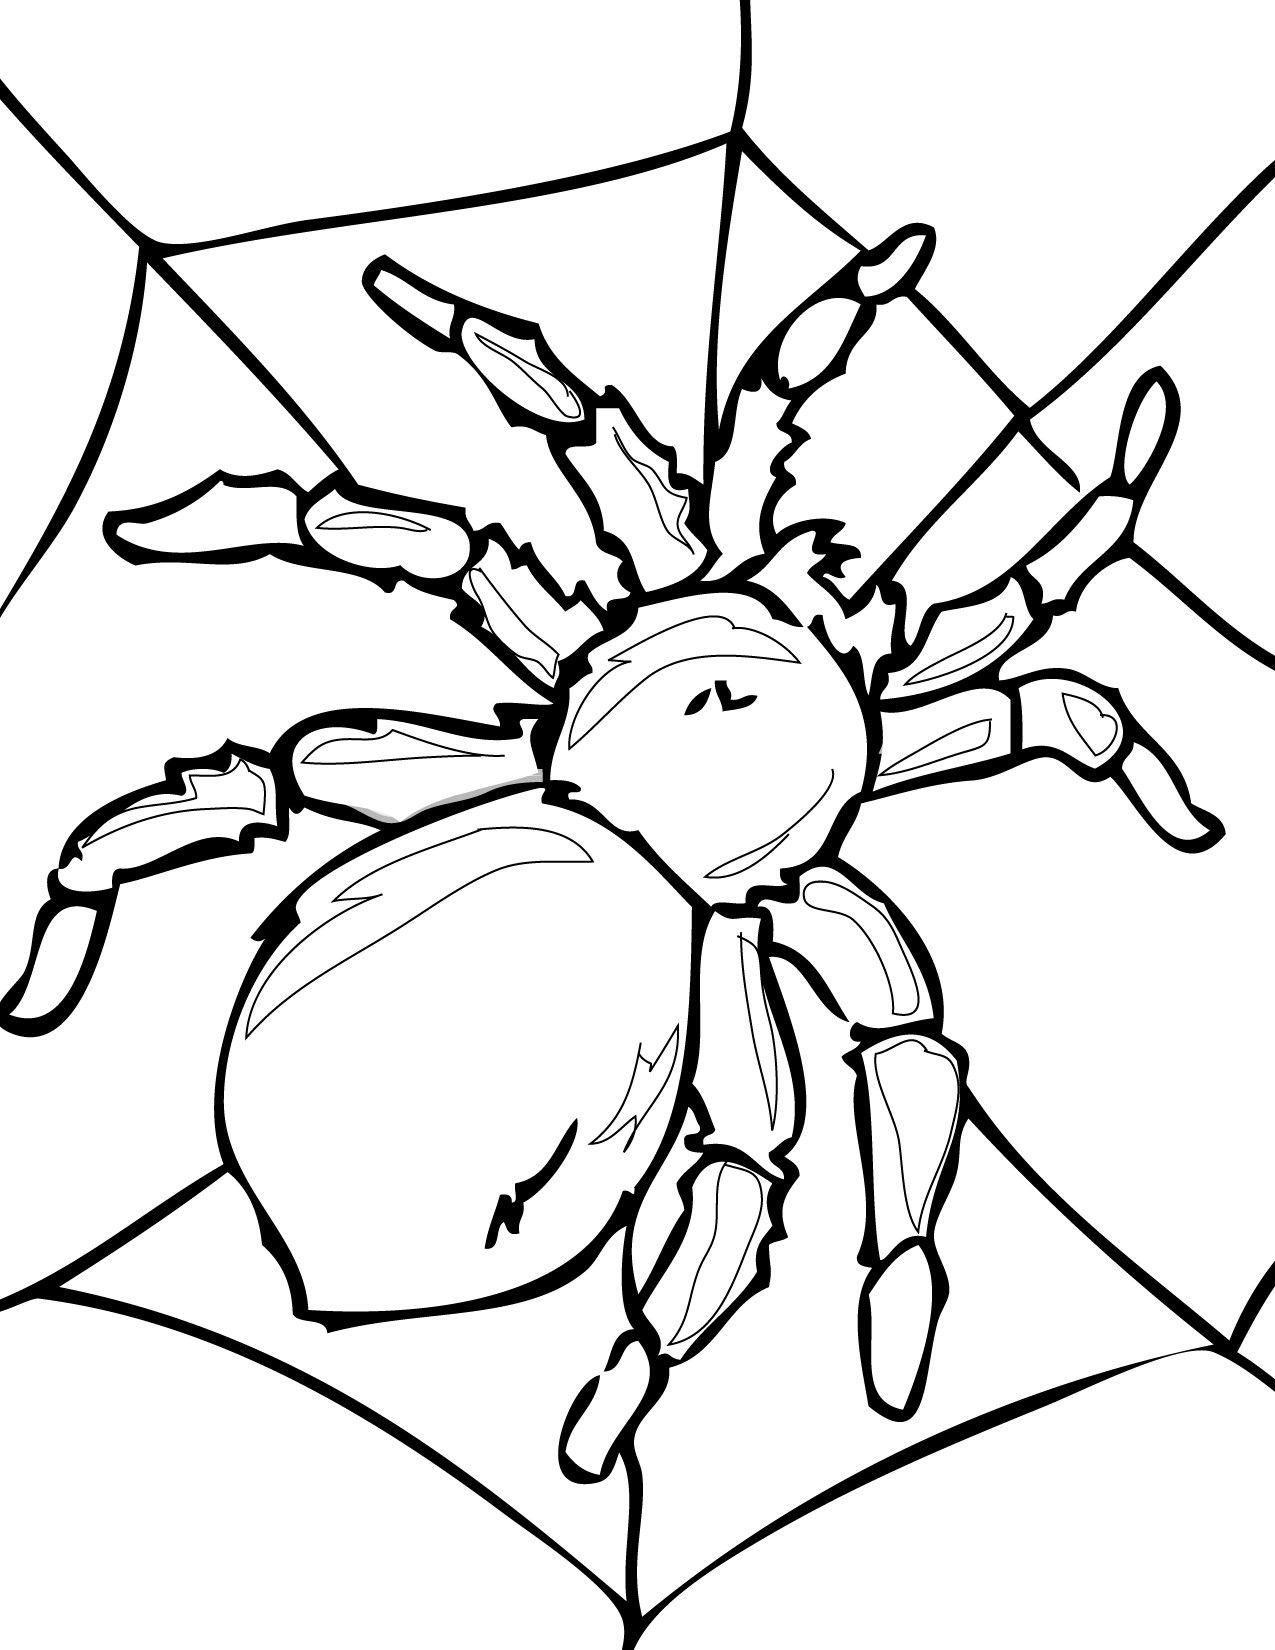 Ausmalbilder Malvorlagen Spinnen   Aiquruguay